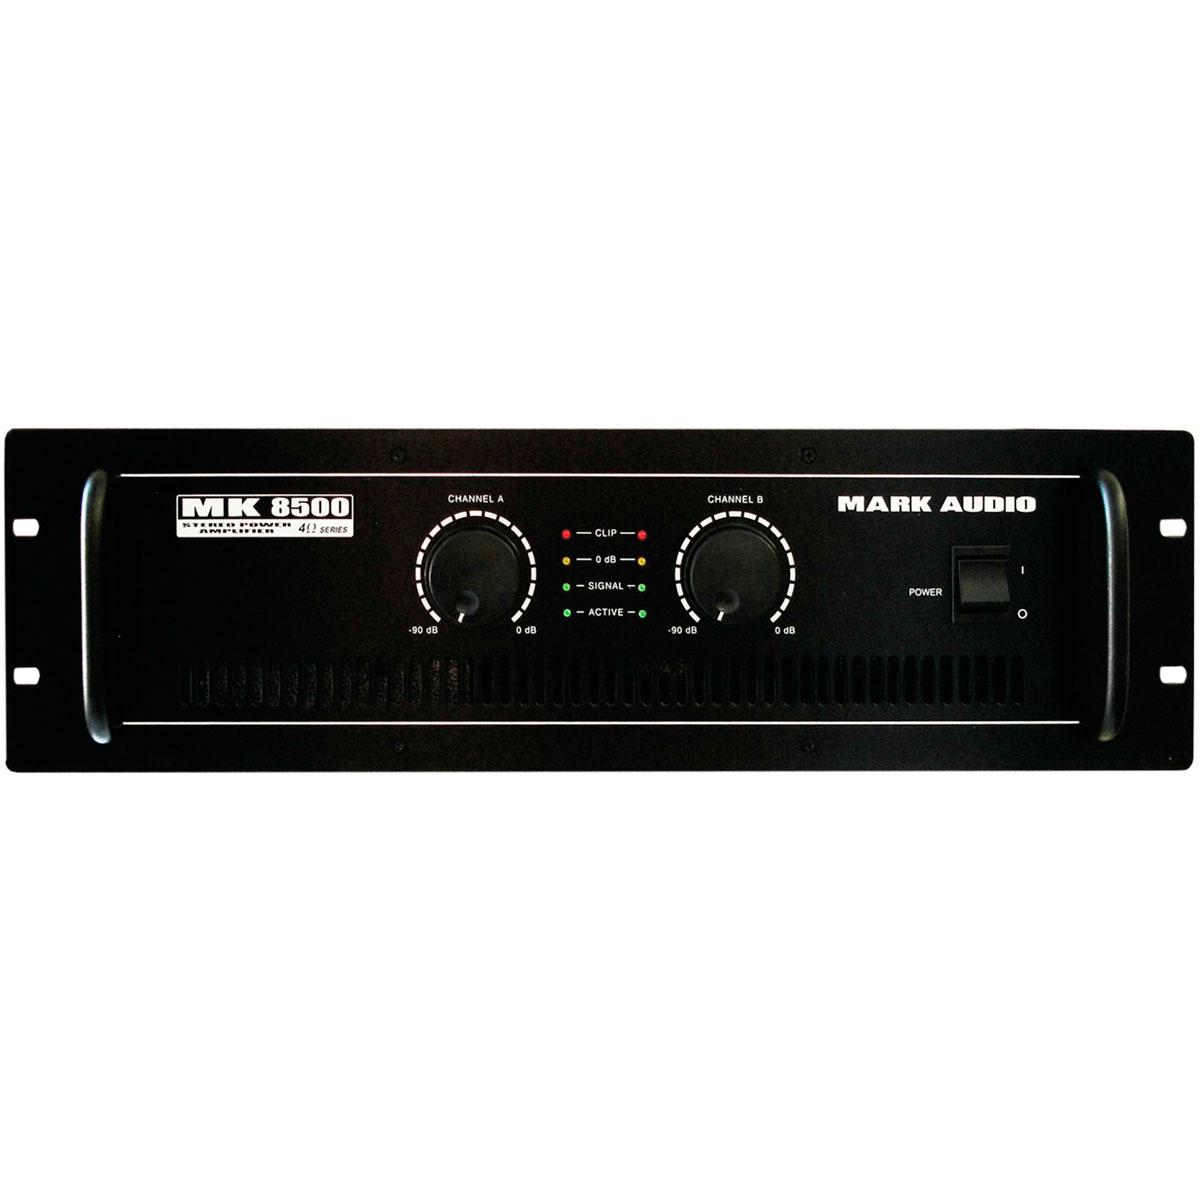 MK8500 - Amplificador Est�reo 2 Canais 1500W MK 8500 - Mark Audio